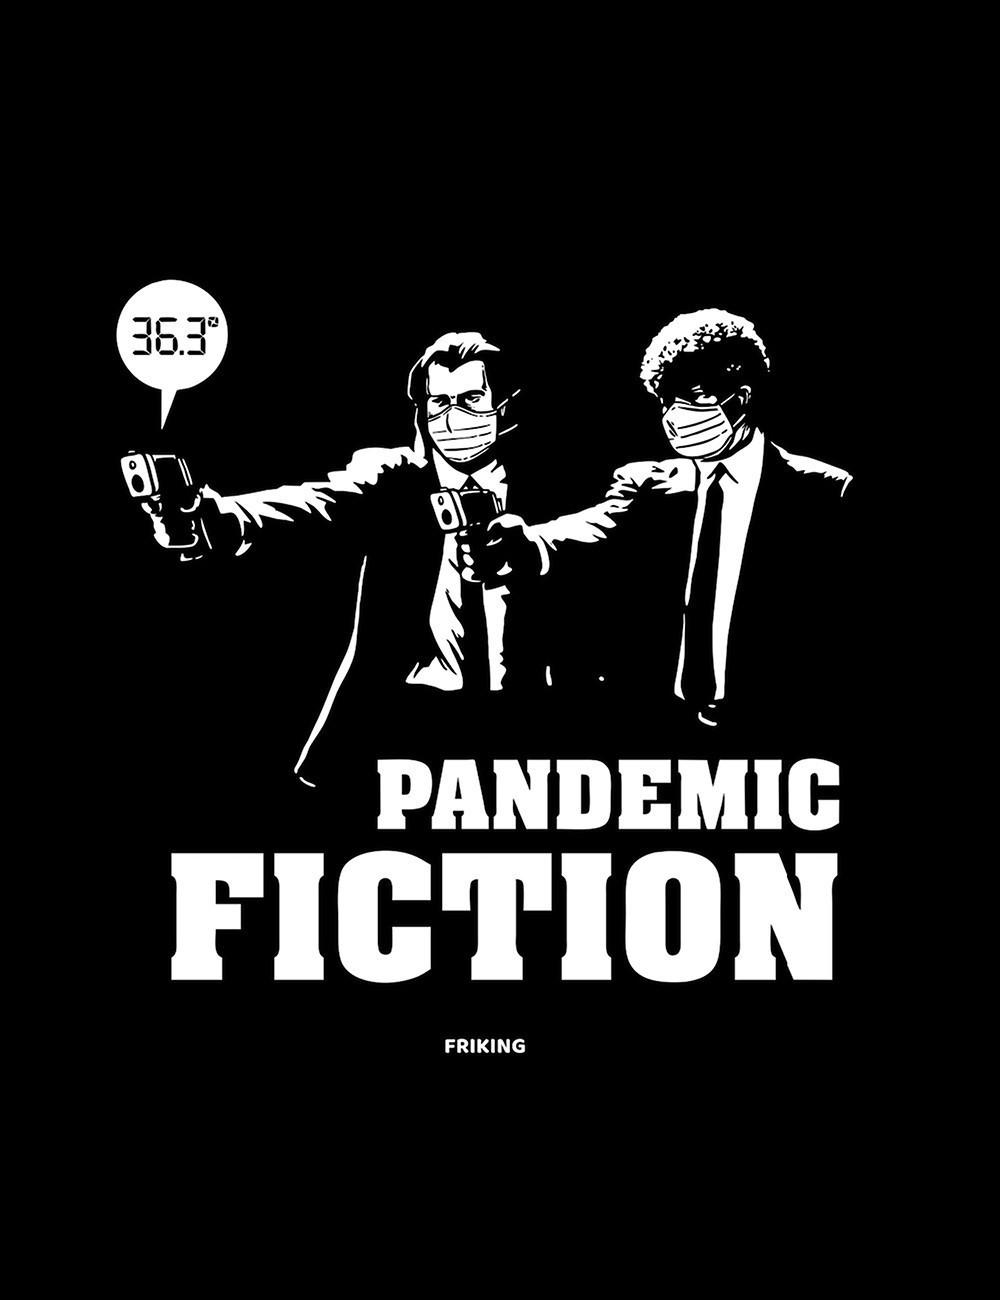 Pandemic Fiction